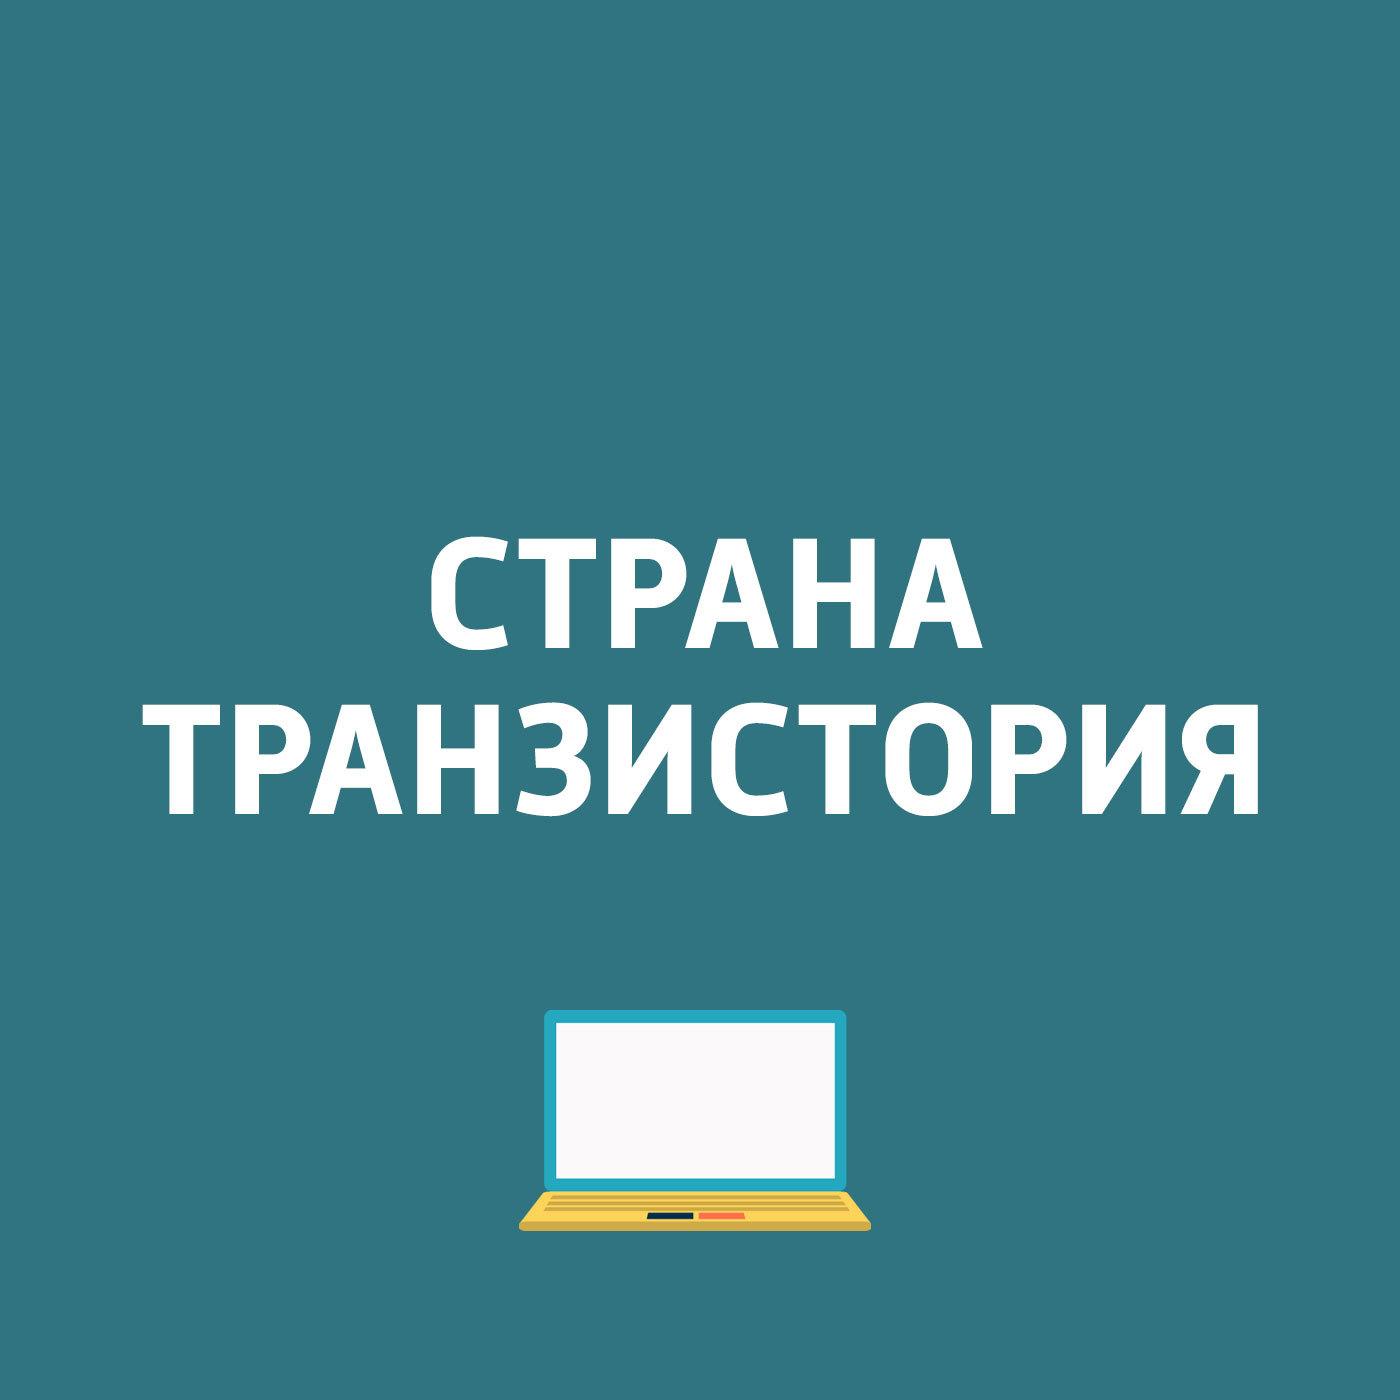 Голосовые оповещения о дорожных событиях в Яндекс.Навигаторе. Обновление 0.5.4. Советские крейсеры в игре World of Warships.